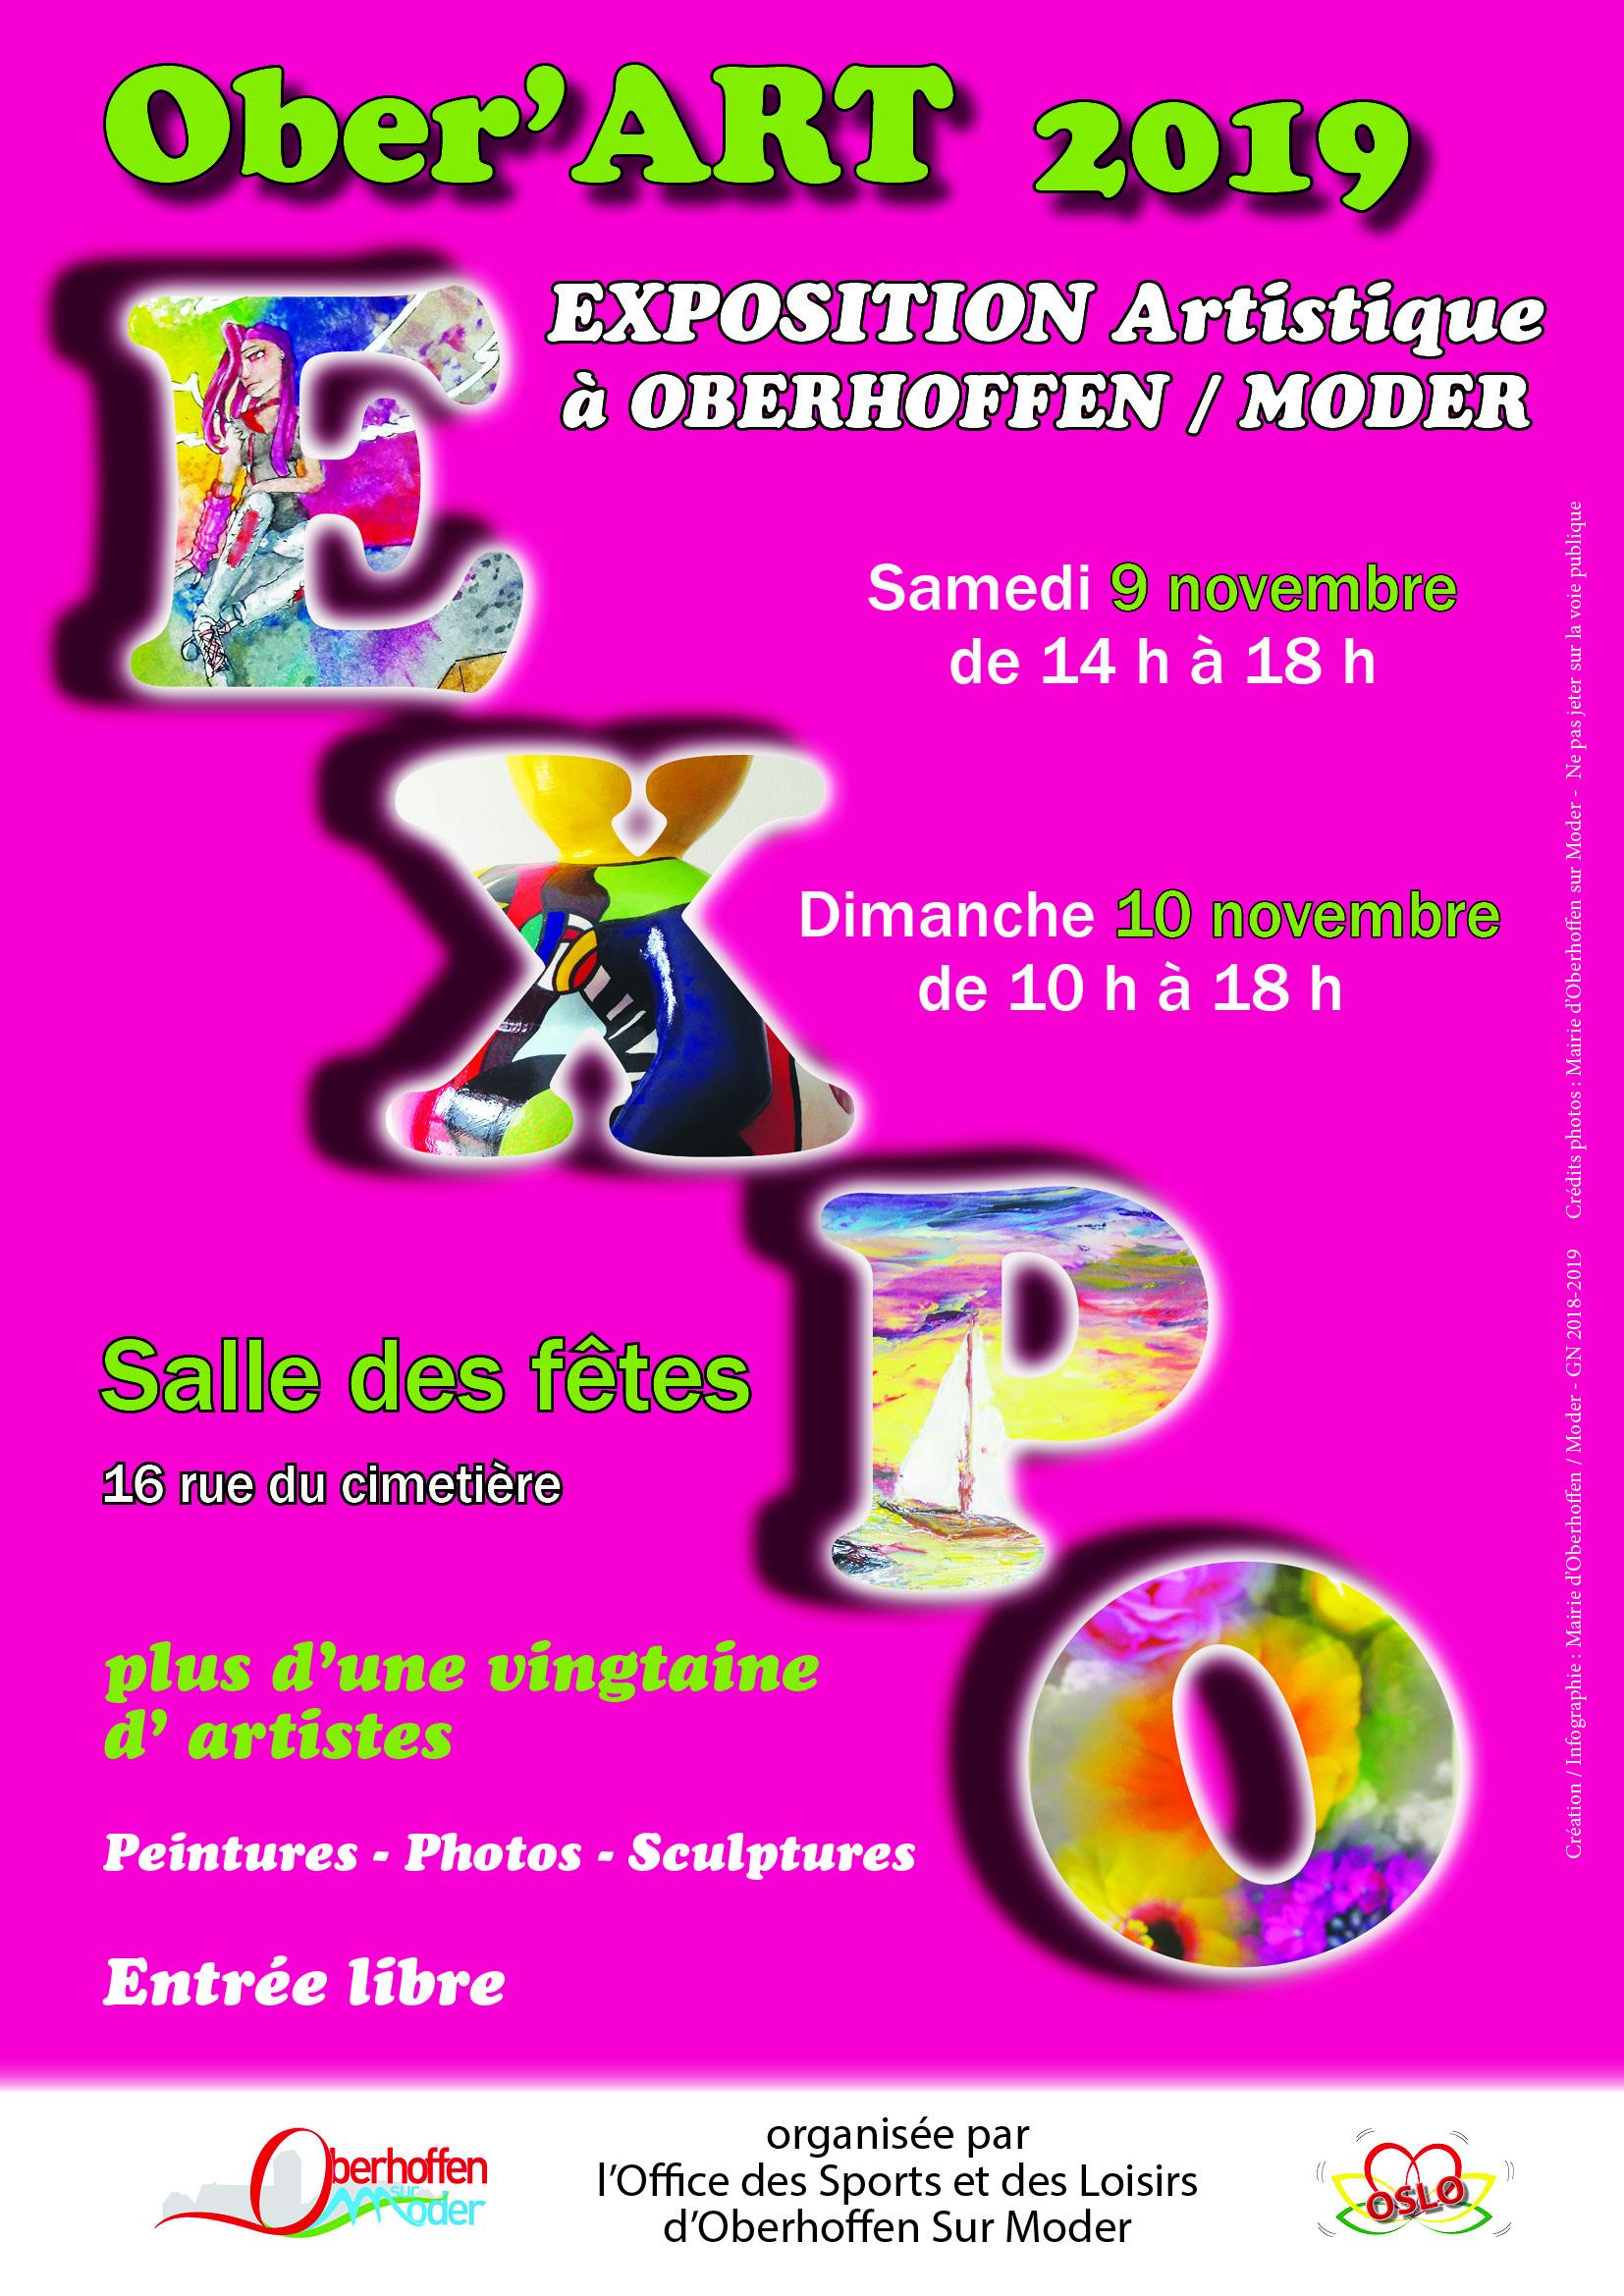 Exposition Ober'ART